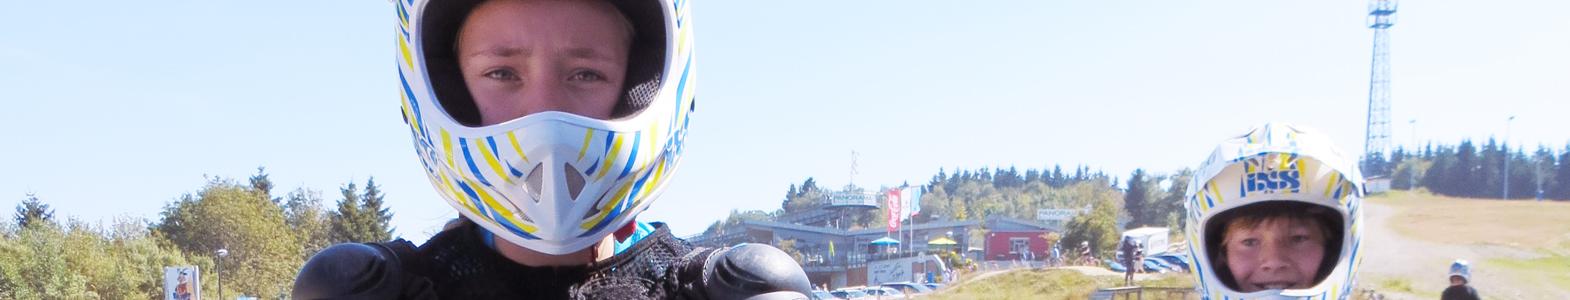 GoXtreme Race HD